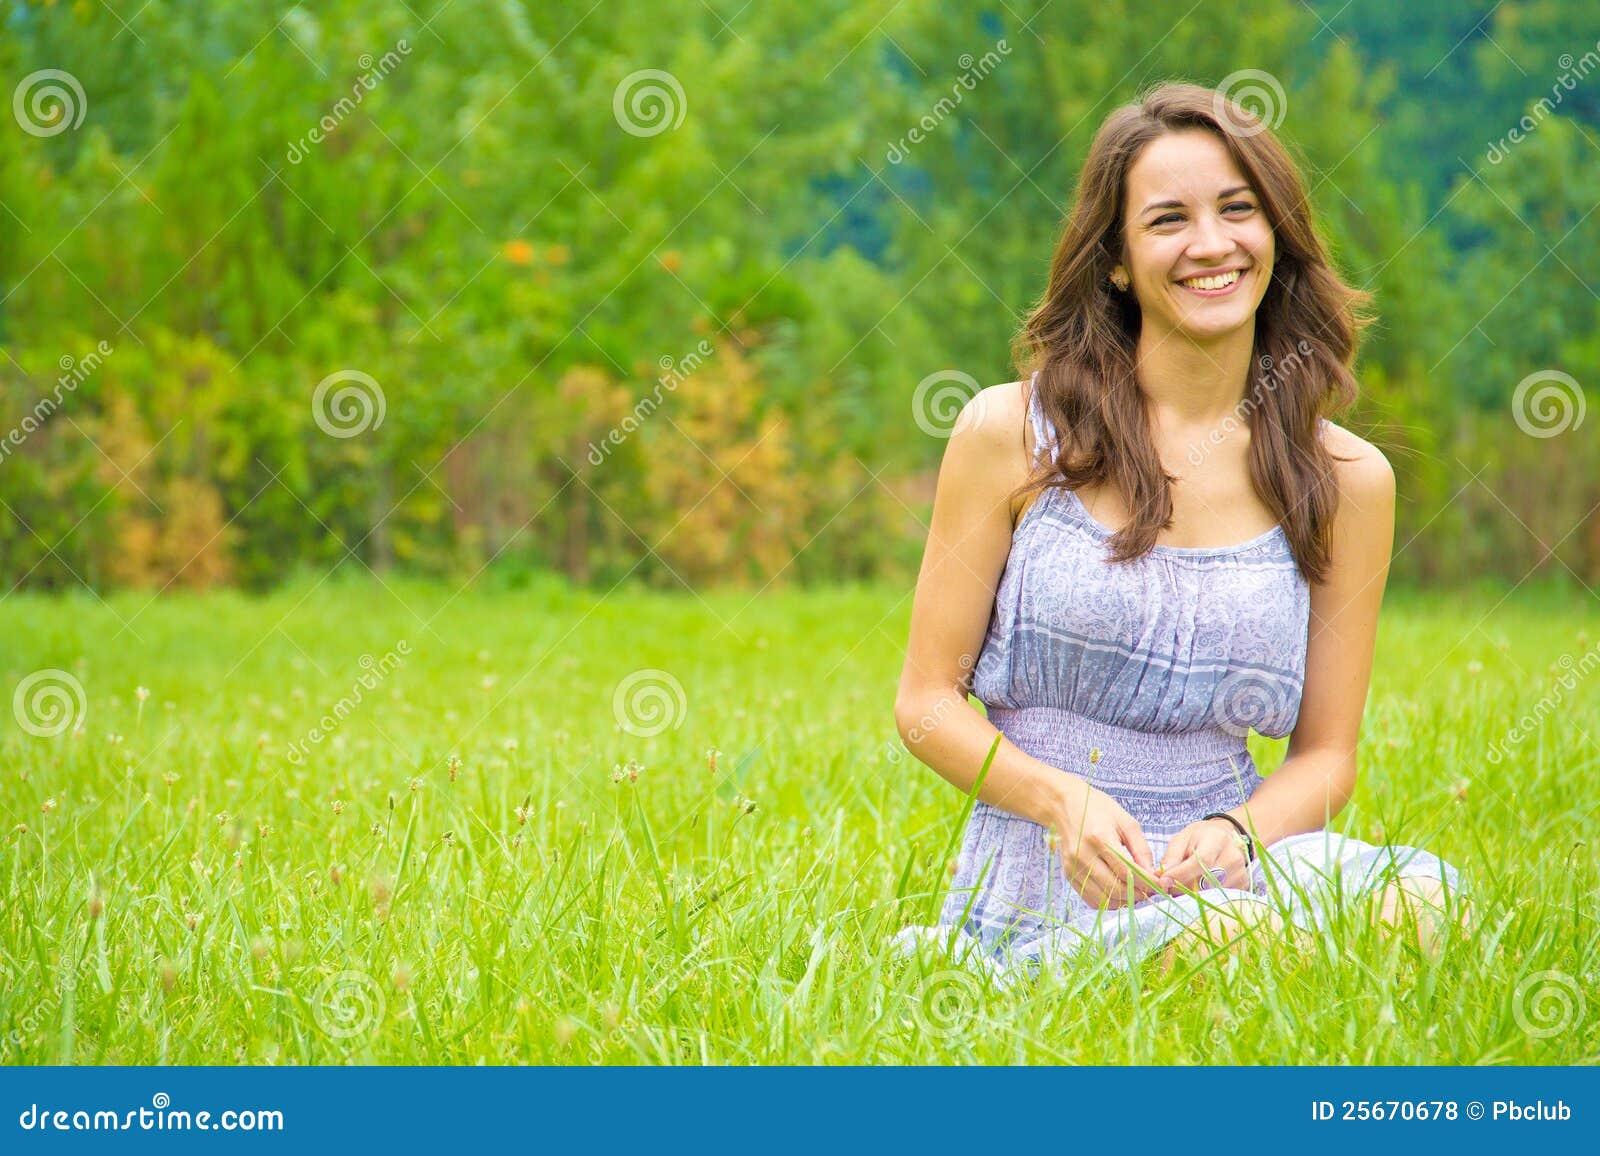 Glückliche junge Frau auf dem Gebiet